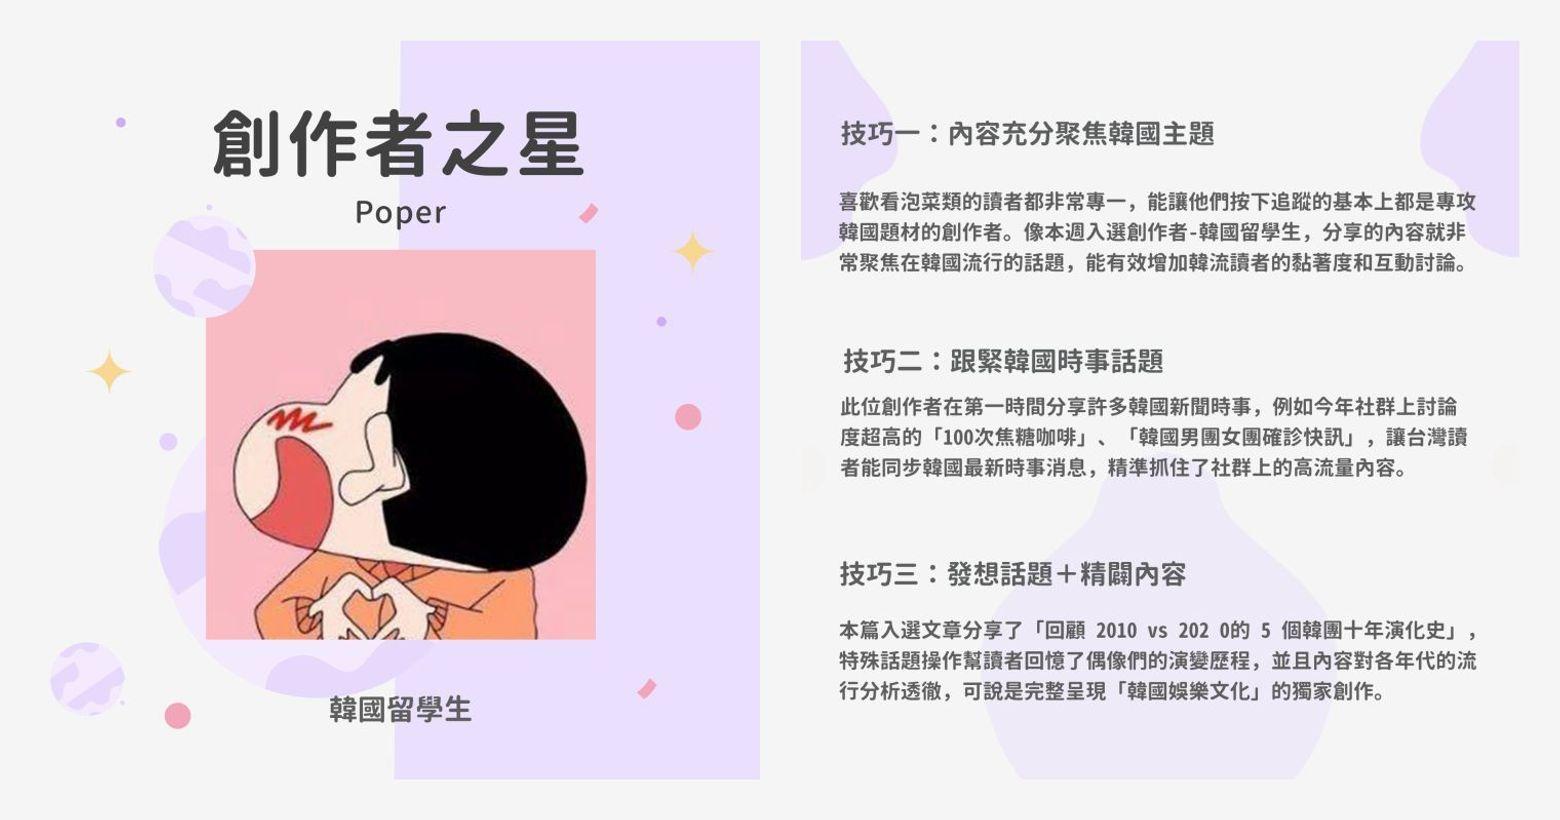 創作者之星|泡菜類🇰🇷1.聚焦韓國話題的分享喜歡看泡菜類的讀者都非常專一,能讓他們按下追蹤的基本